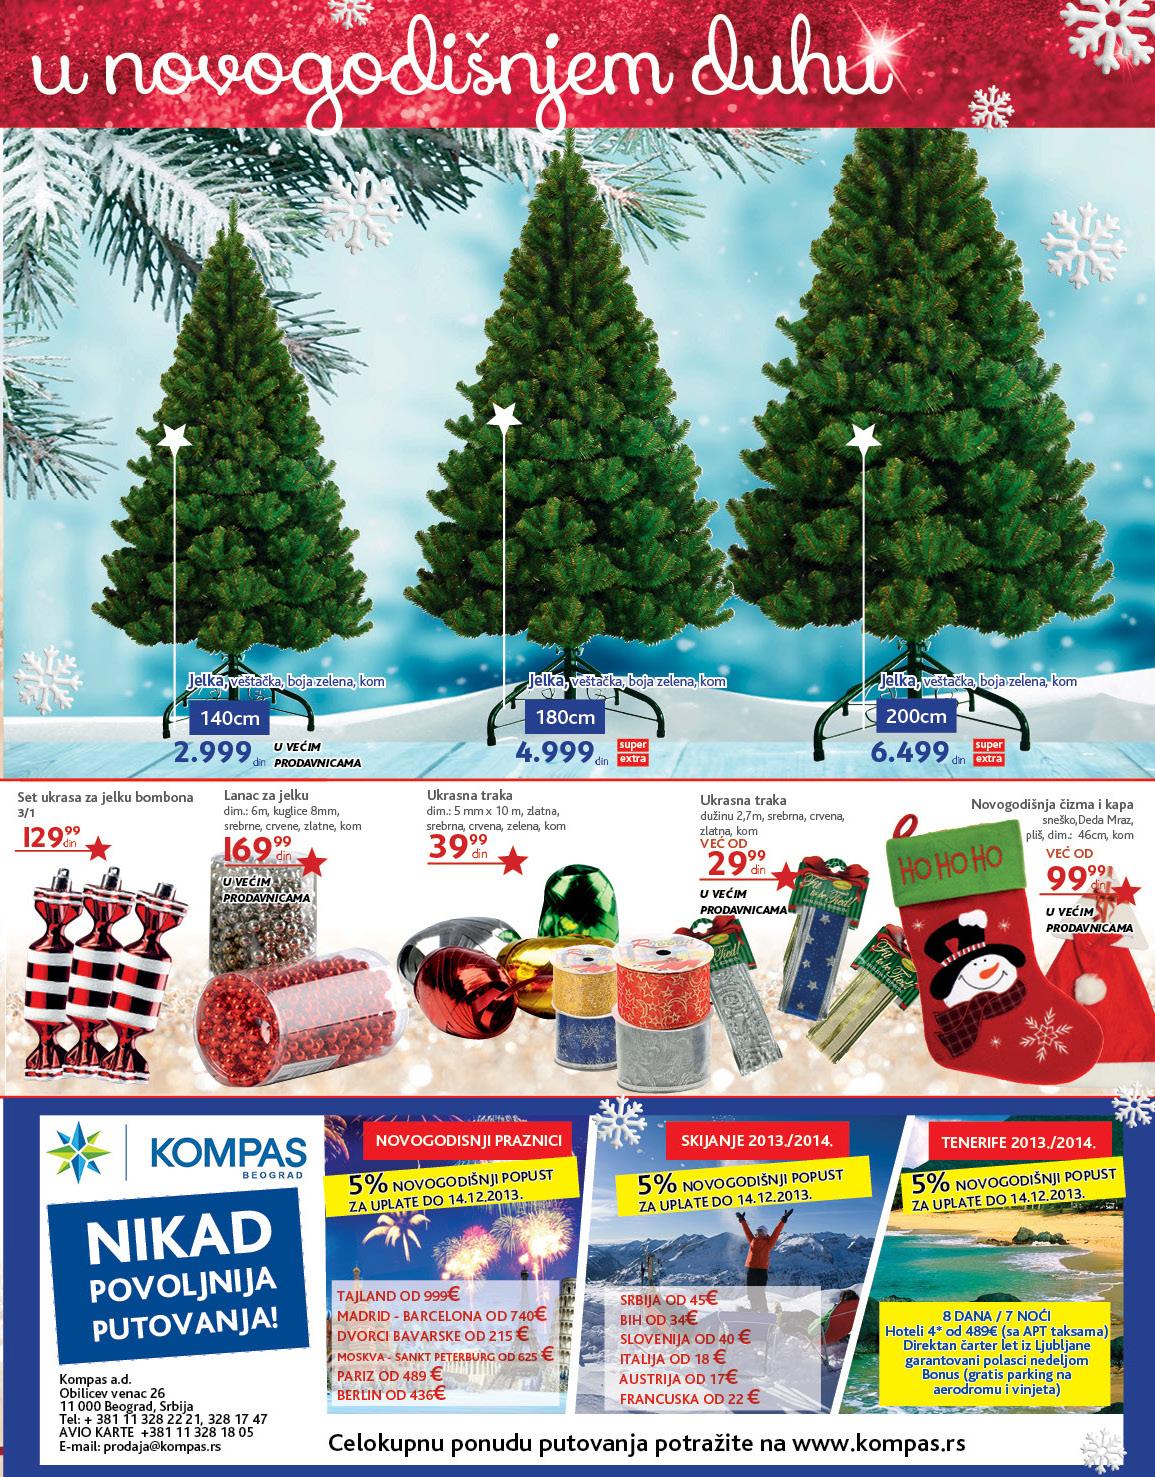 Idea katalog novogodišnja K plus ponuda